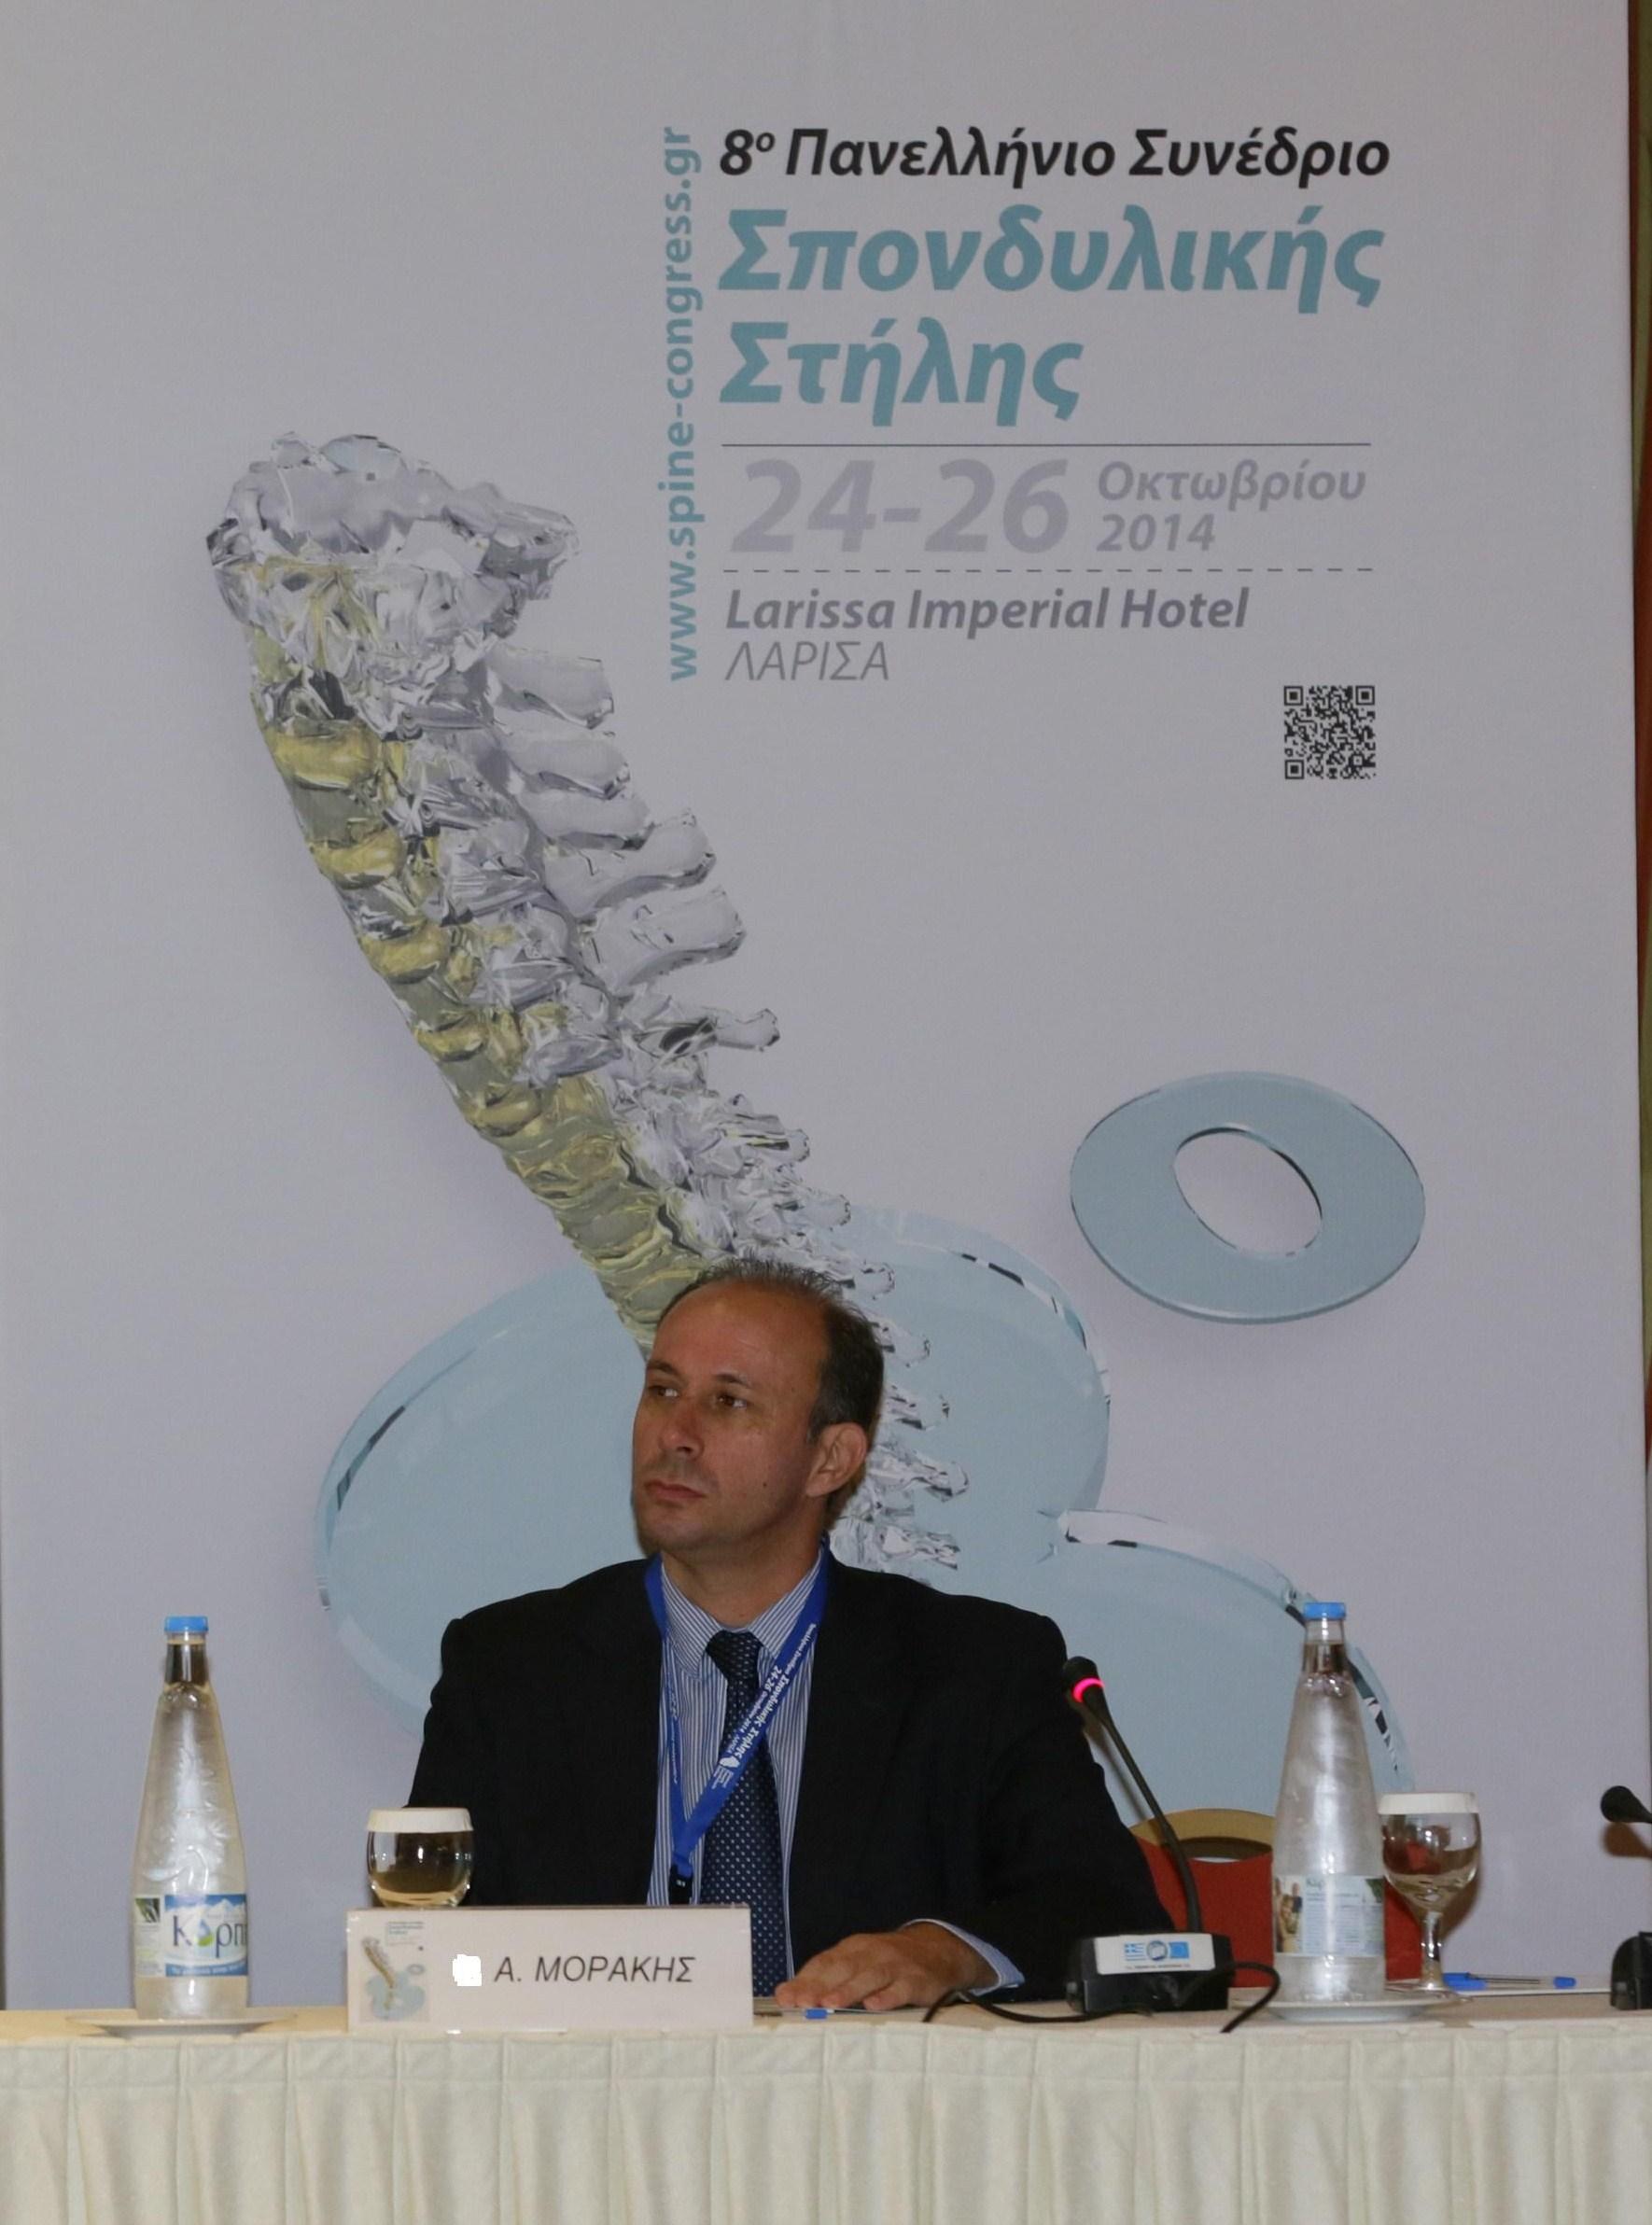 8ο Πανελλήνιο συνέδριο σπονδυλικής στήλης